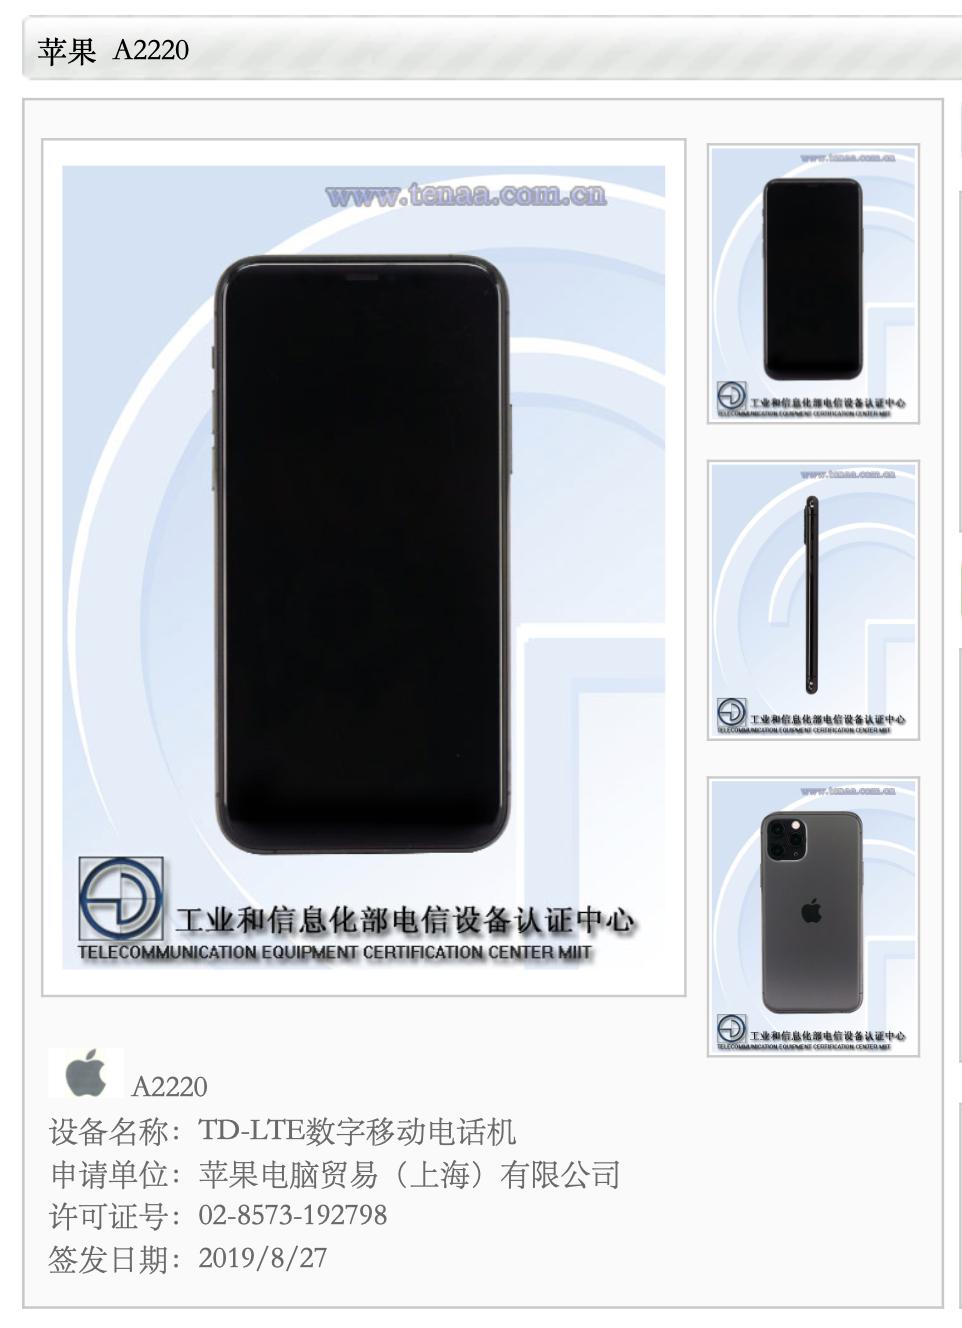 """<span href=""""https://9to5mac.com/2019/09/17/iphone-11-and-iphone-11-pro-battery-size/"""">iPhone 11 y el iPhone 11 Pro tienen hasta 3,969 mAh de capacidad de batería y 4 gb de RAM</a>"""